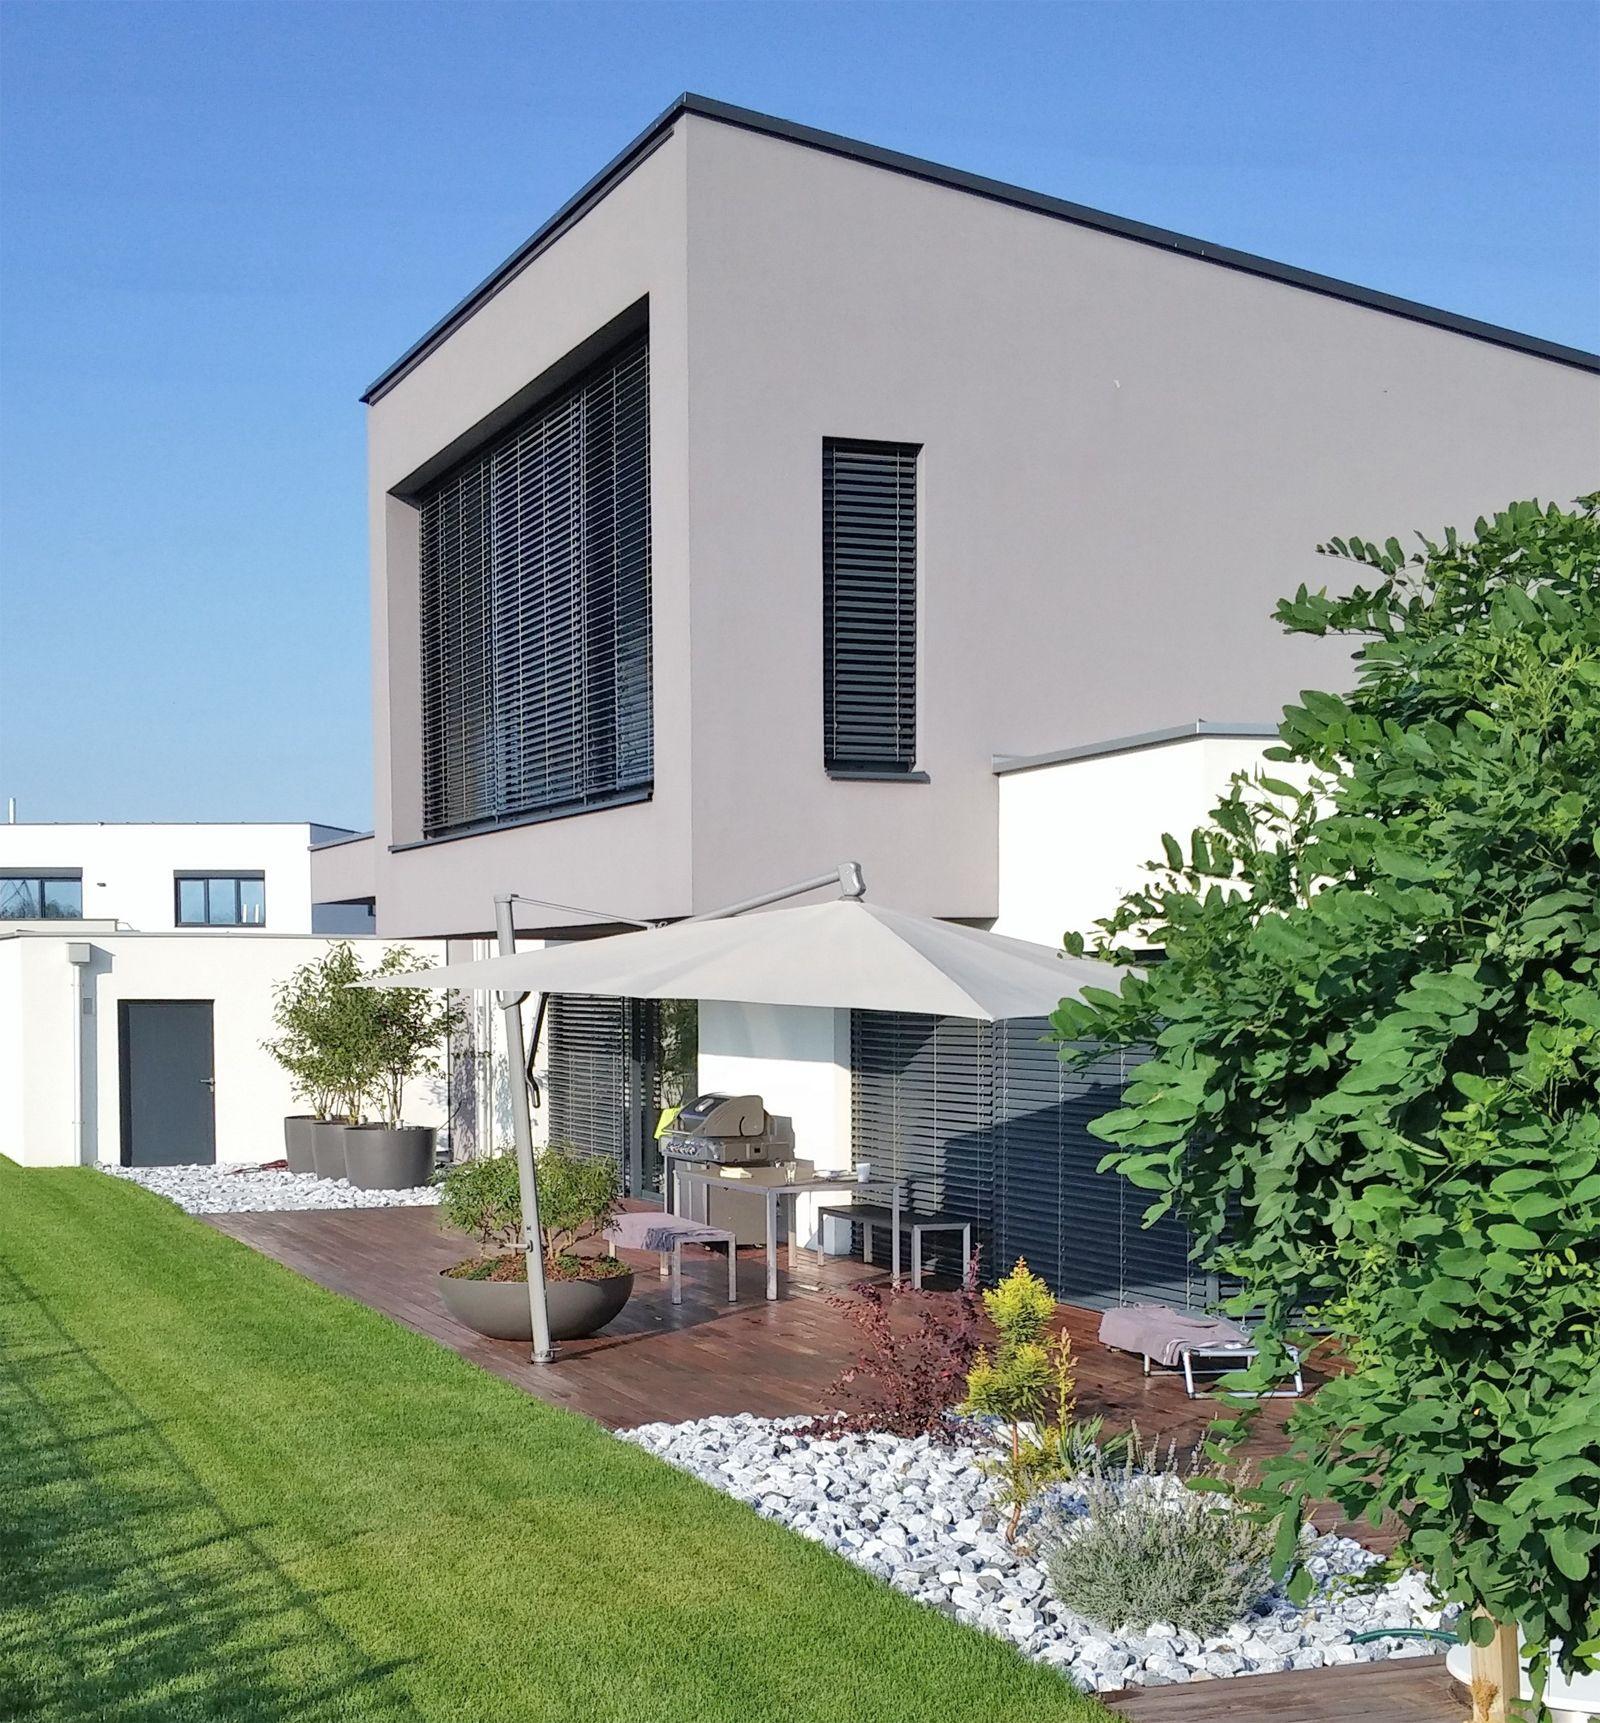 Fassadengestaltung modern stein  WhiteCube – ein modernes Architektenhaus in Wiener Neustadt ...